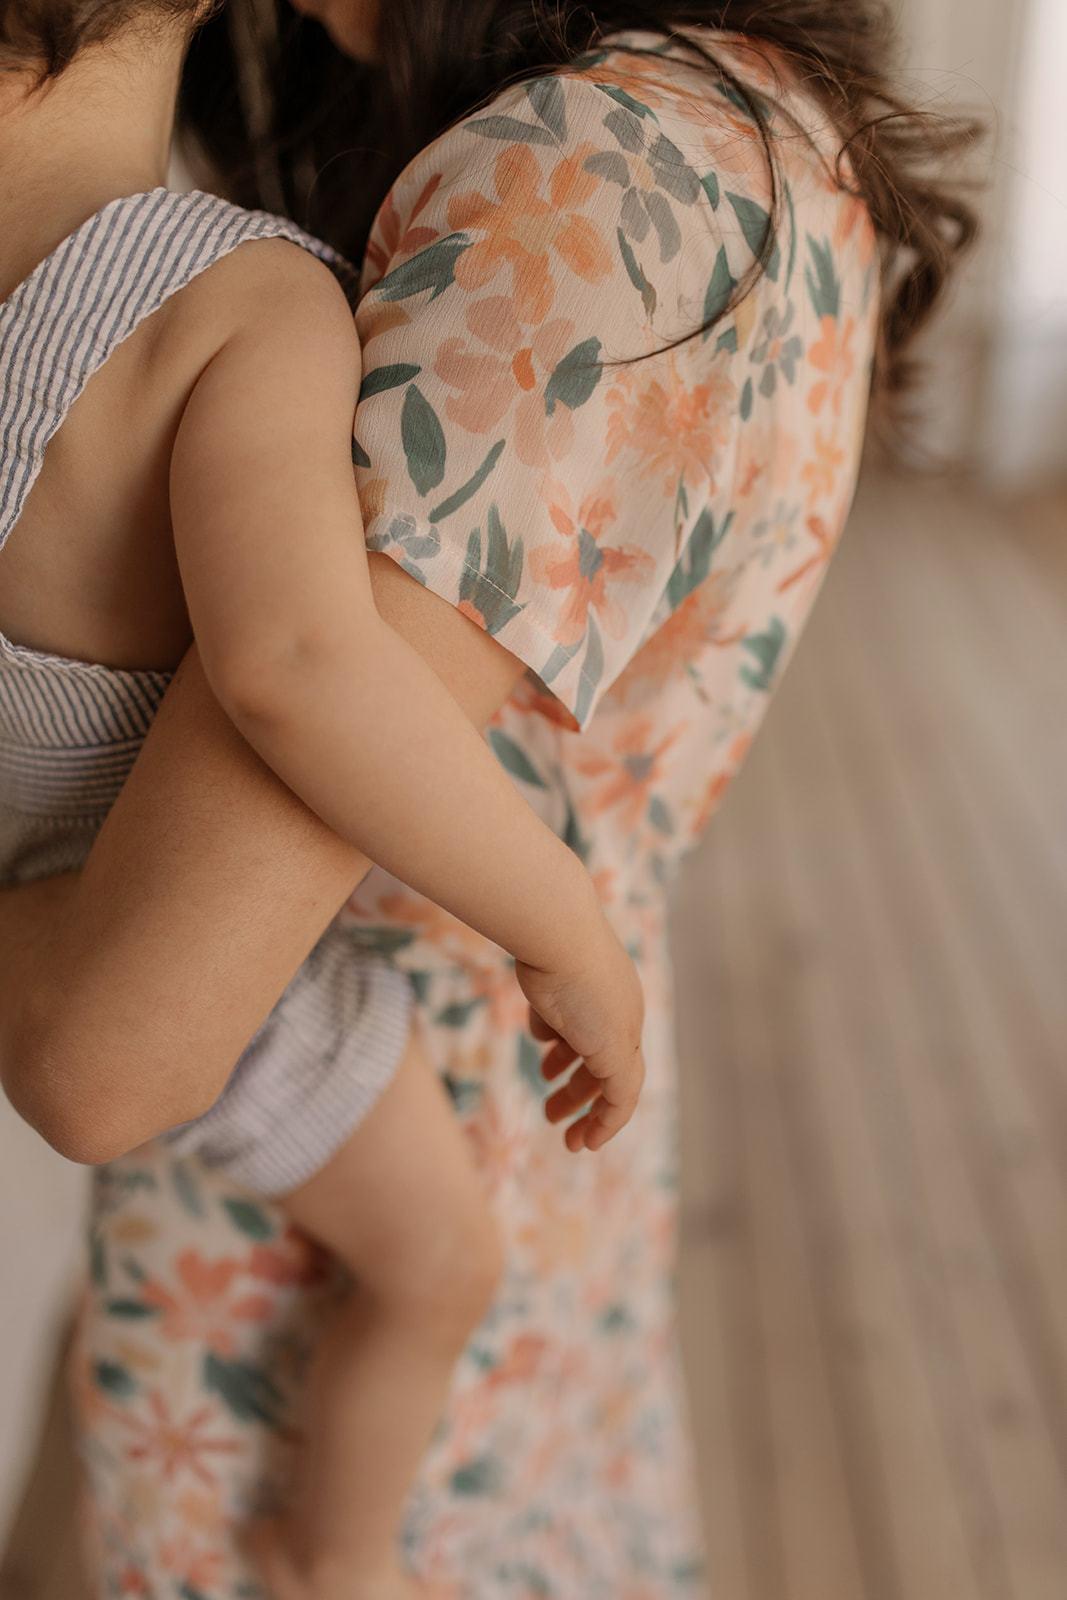 Amaë vêtements d'allaitement élégants 2